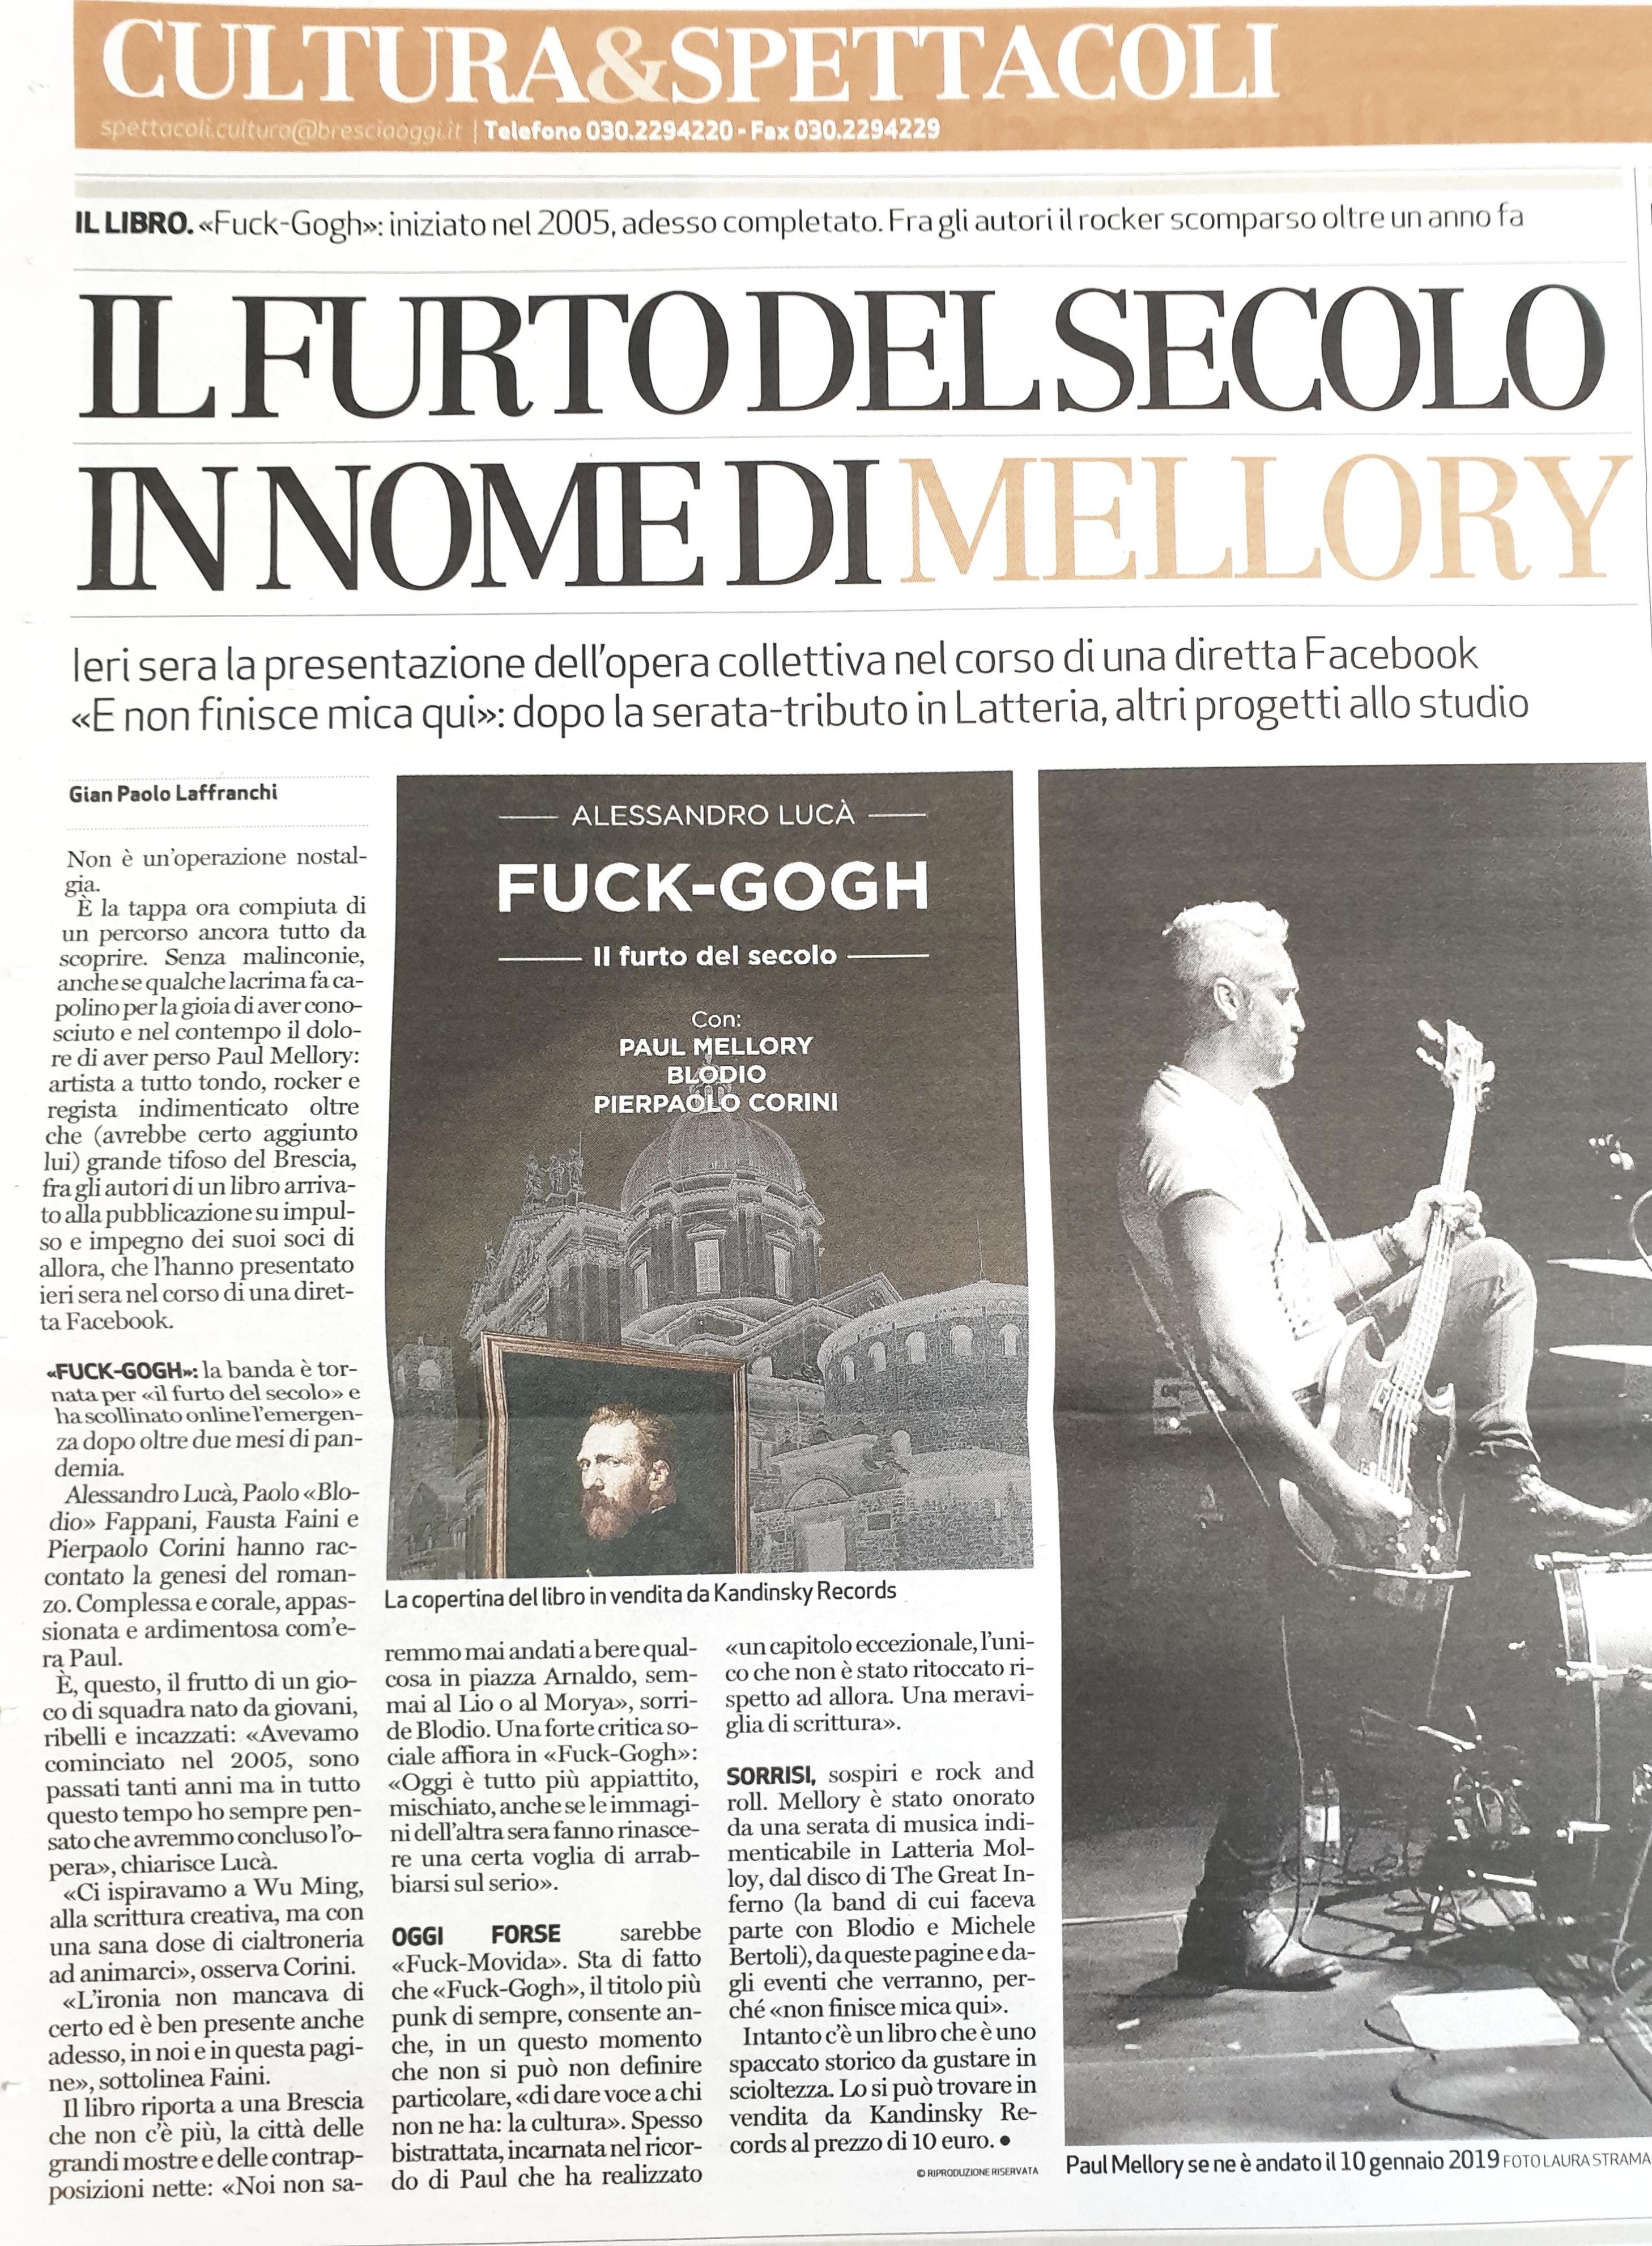 Fuck-Gogh su Bresciaoggi